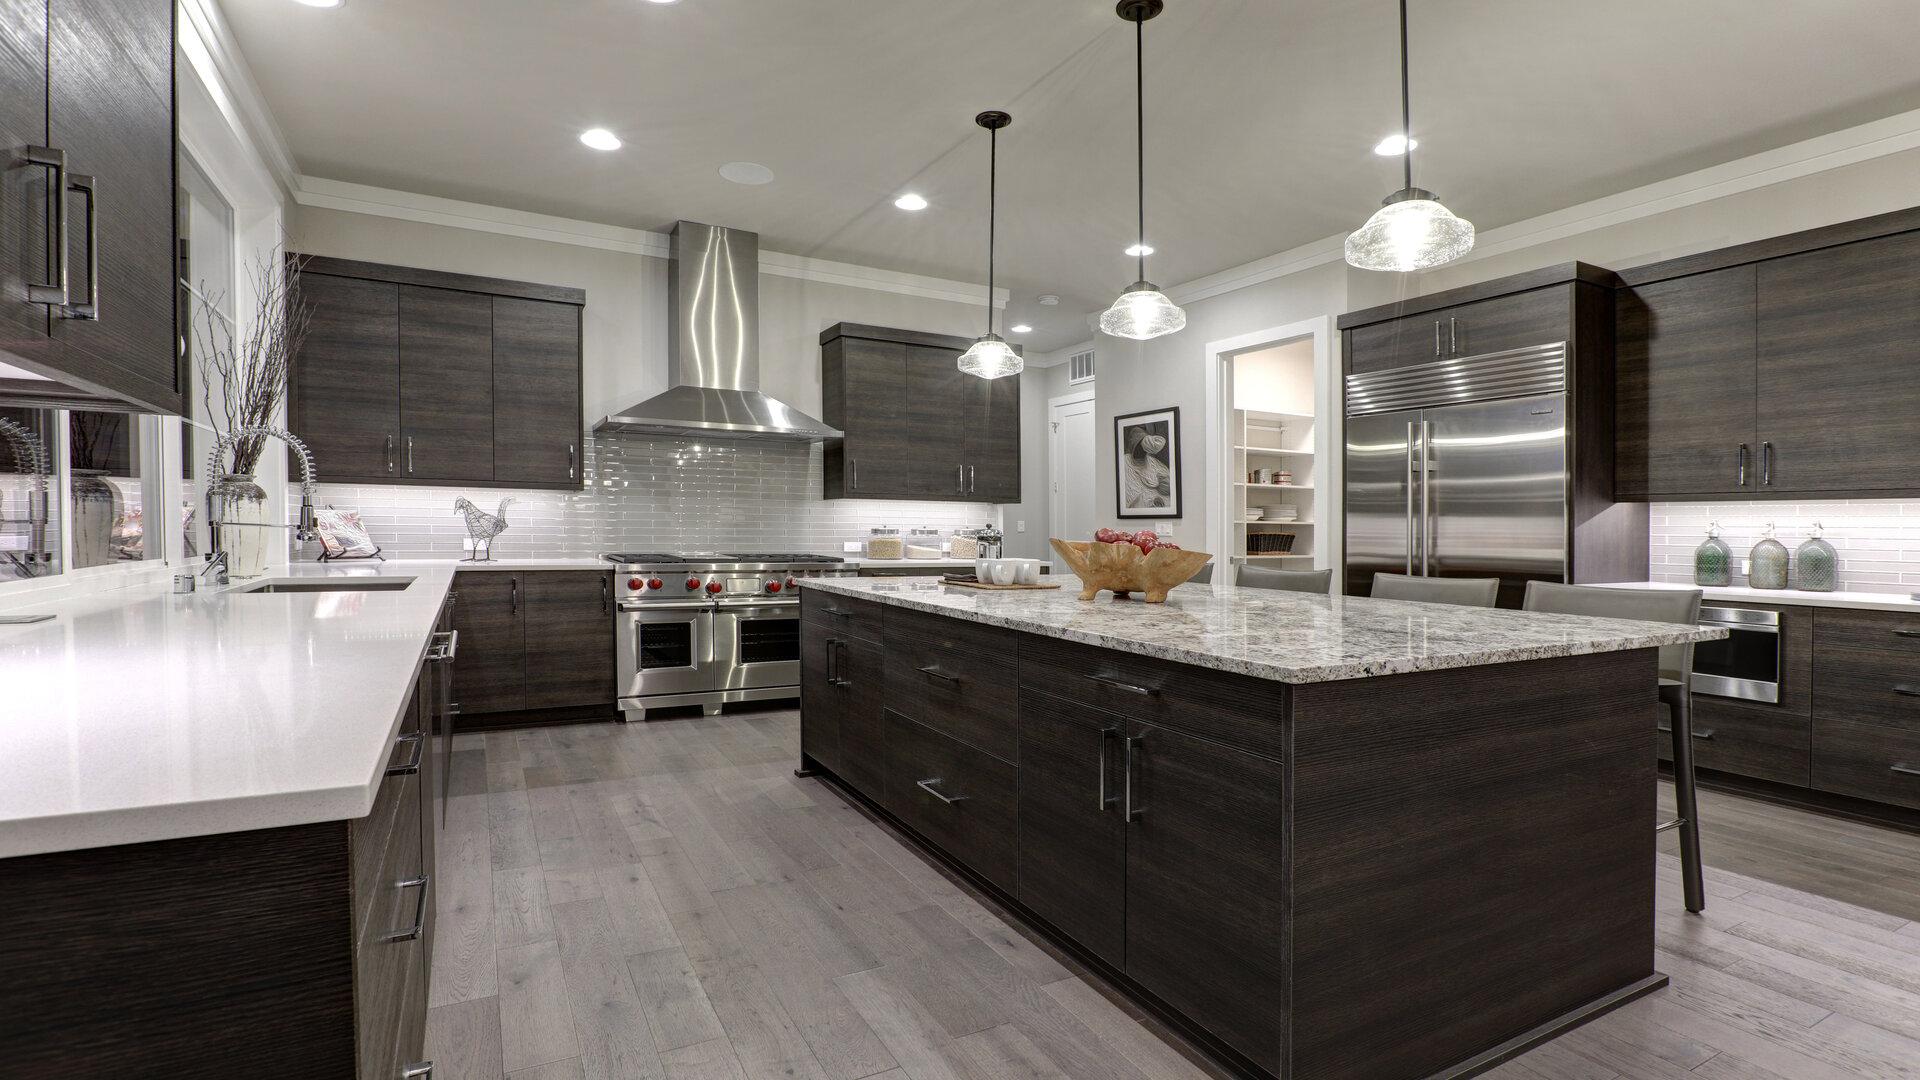 Revêtement dans la cuisine : et si vous optez pour le carrelage adhésif ?